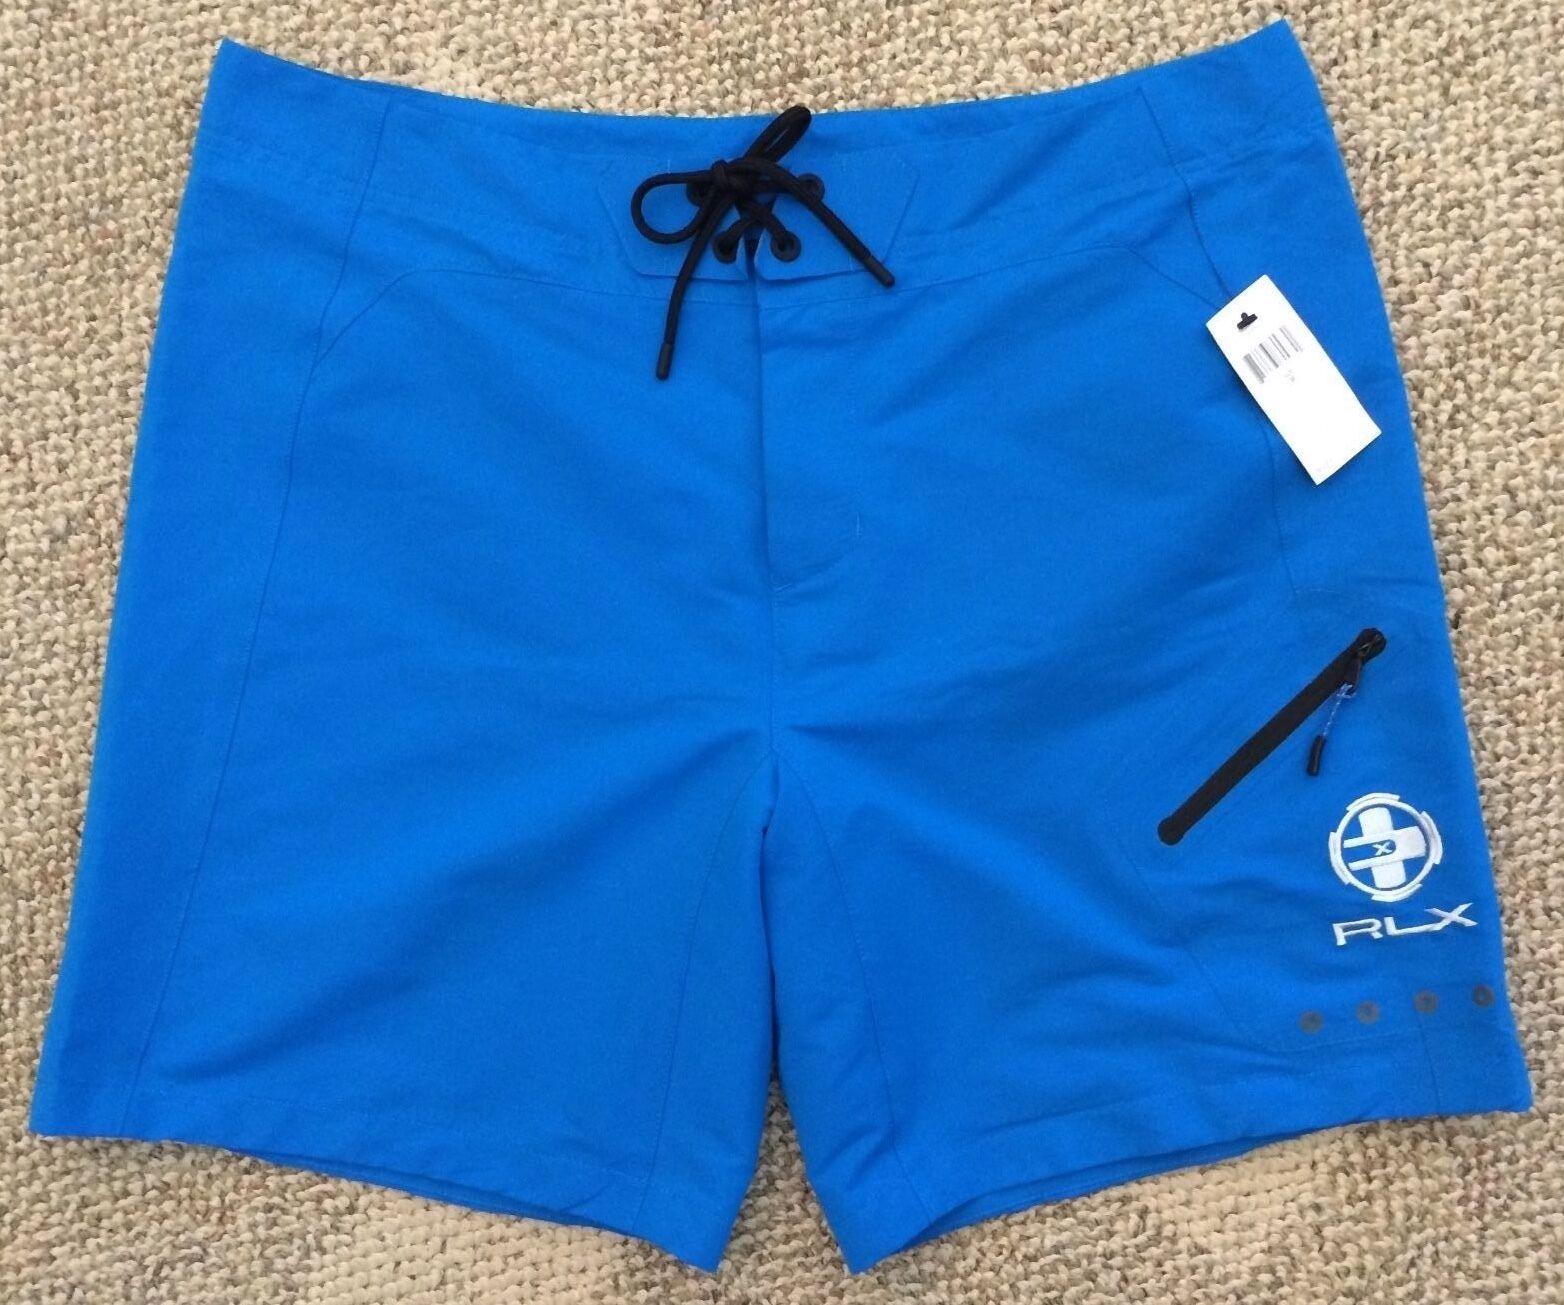 RLX Ralph Lauren Mens Size 38 bluee Board Shorts Swim Trunks Unlined